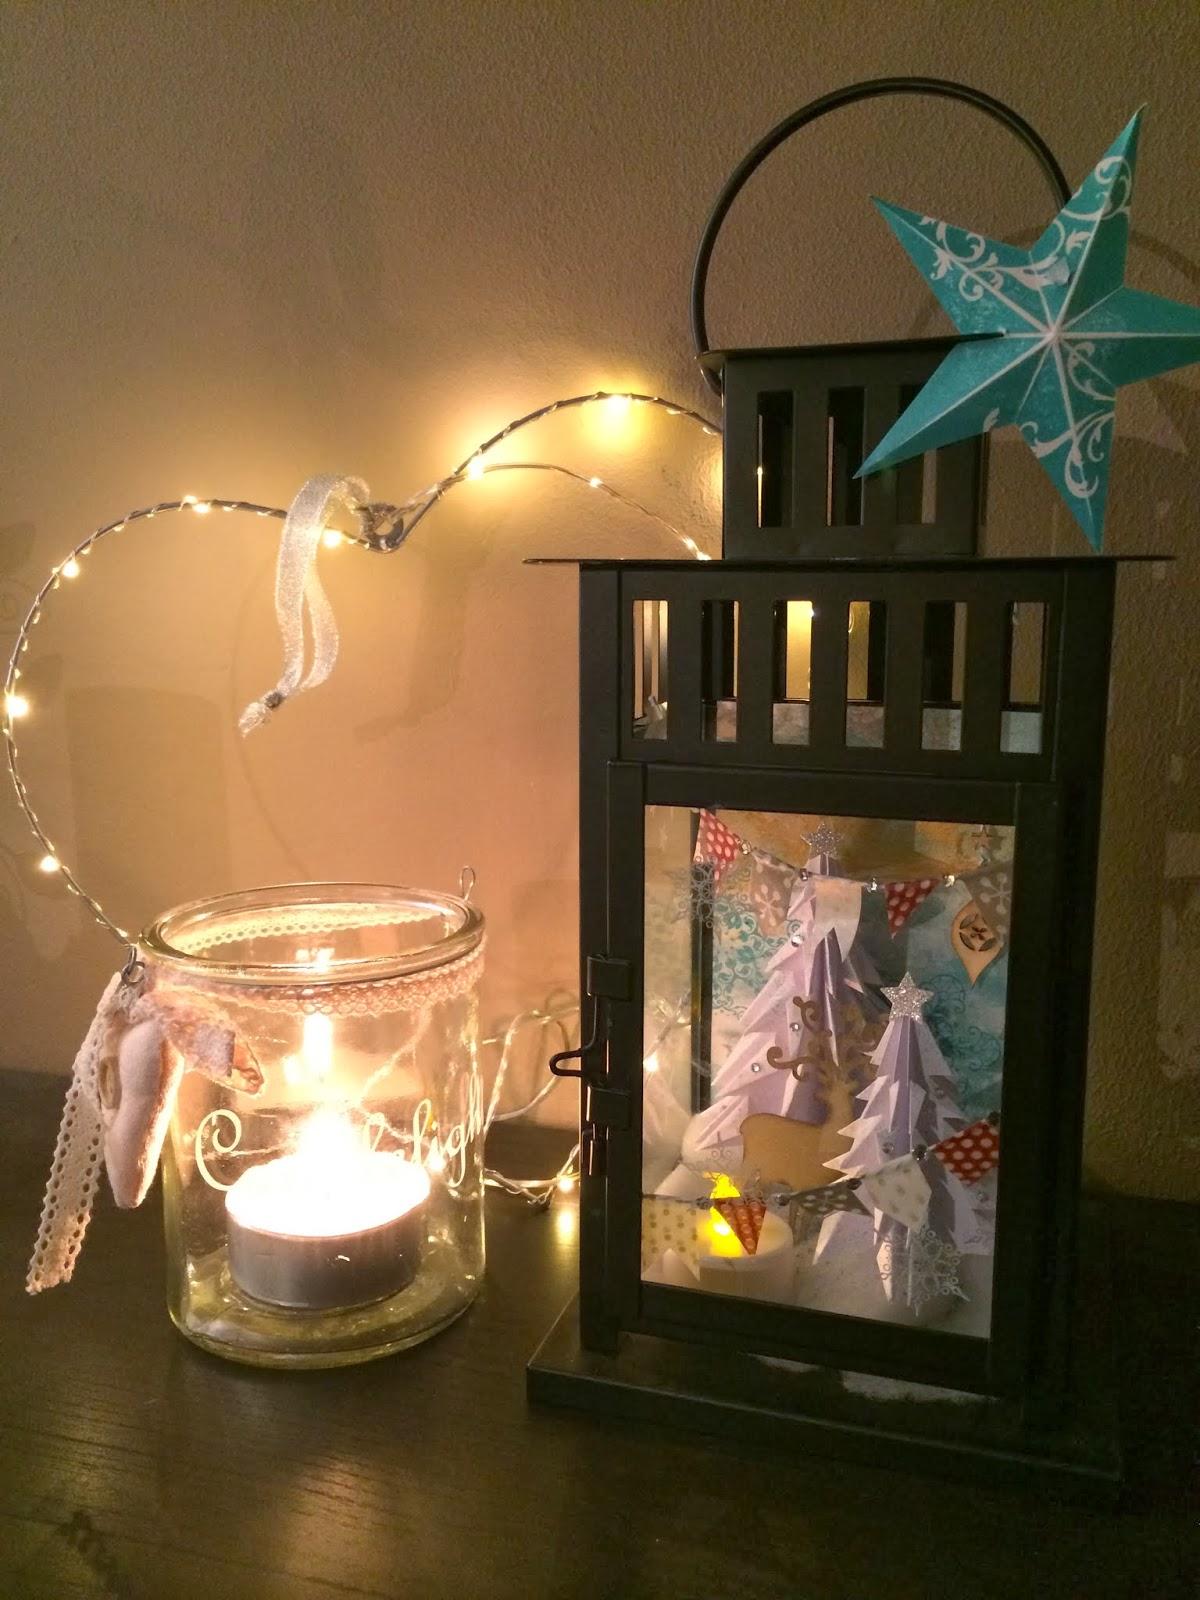 #B58316 Classe Créative: 12 Semaines Avant Noël (S11) : Sapin 3D  5307 décorations de noel à faire en classe 1200x1600 px @ aertt.com